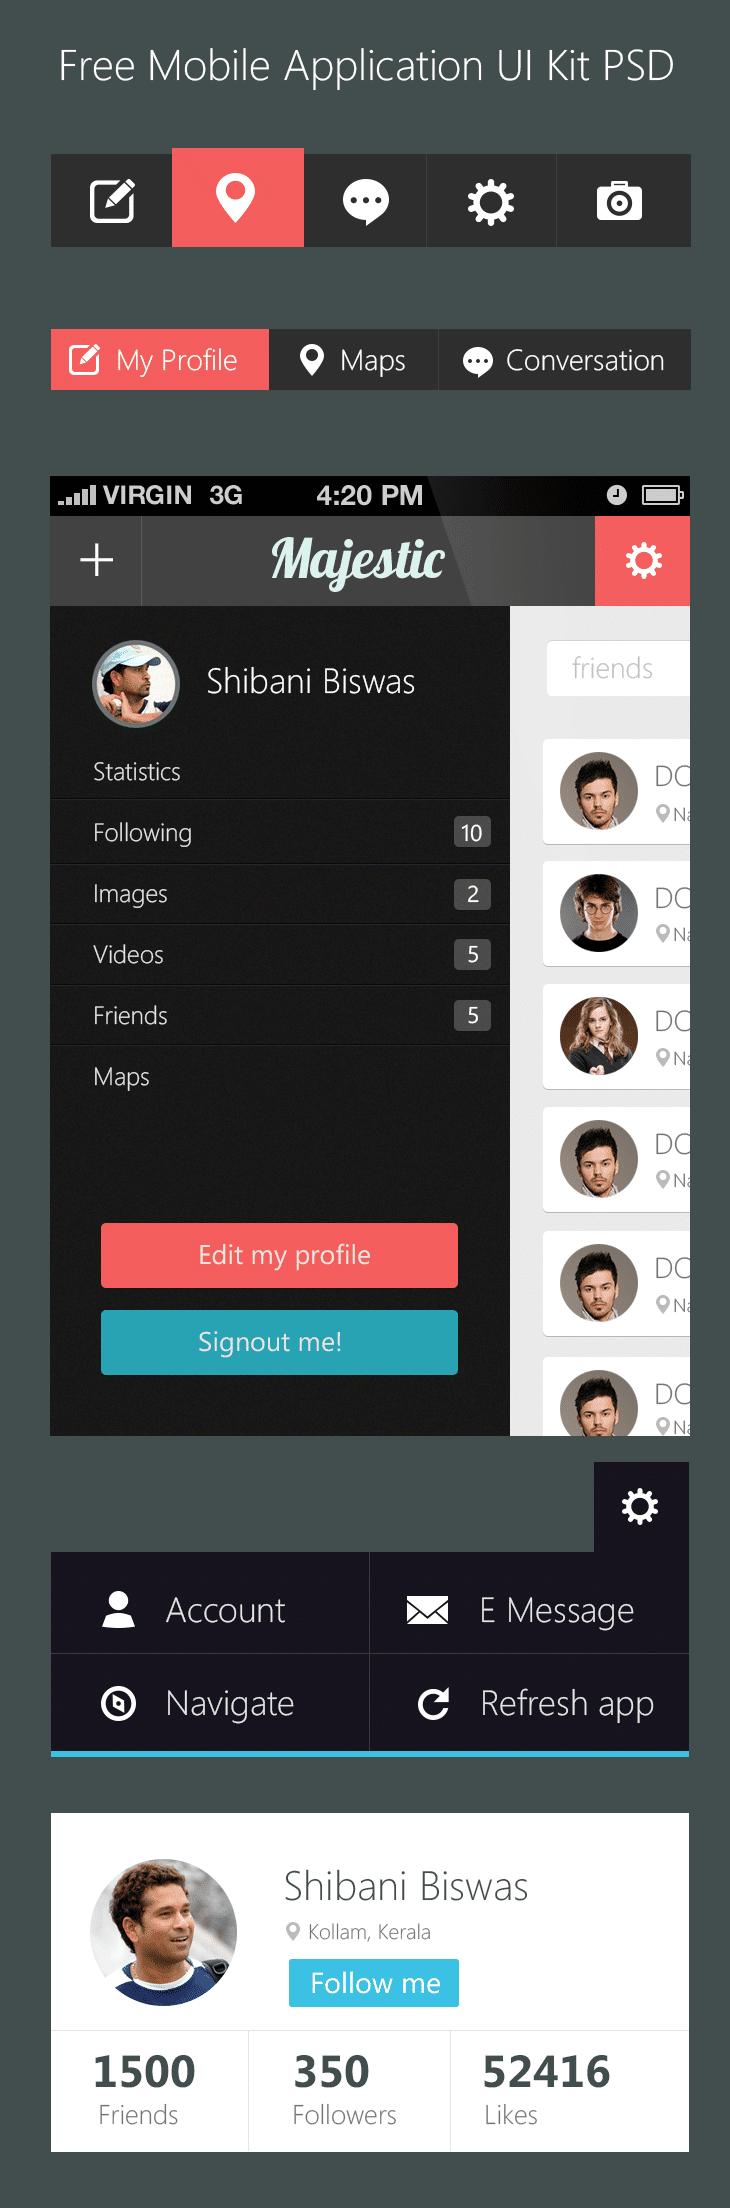 Free Mobile Application UI Kit PSD - cssauthor.com